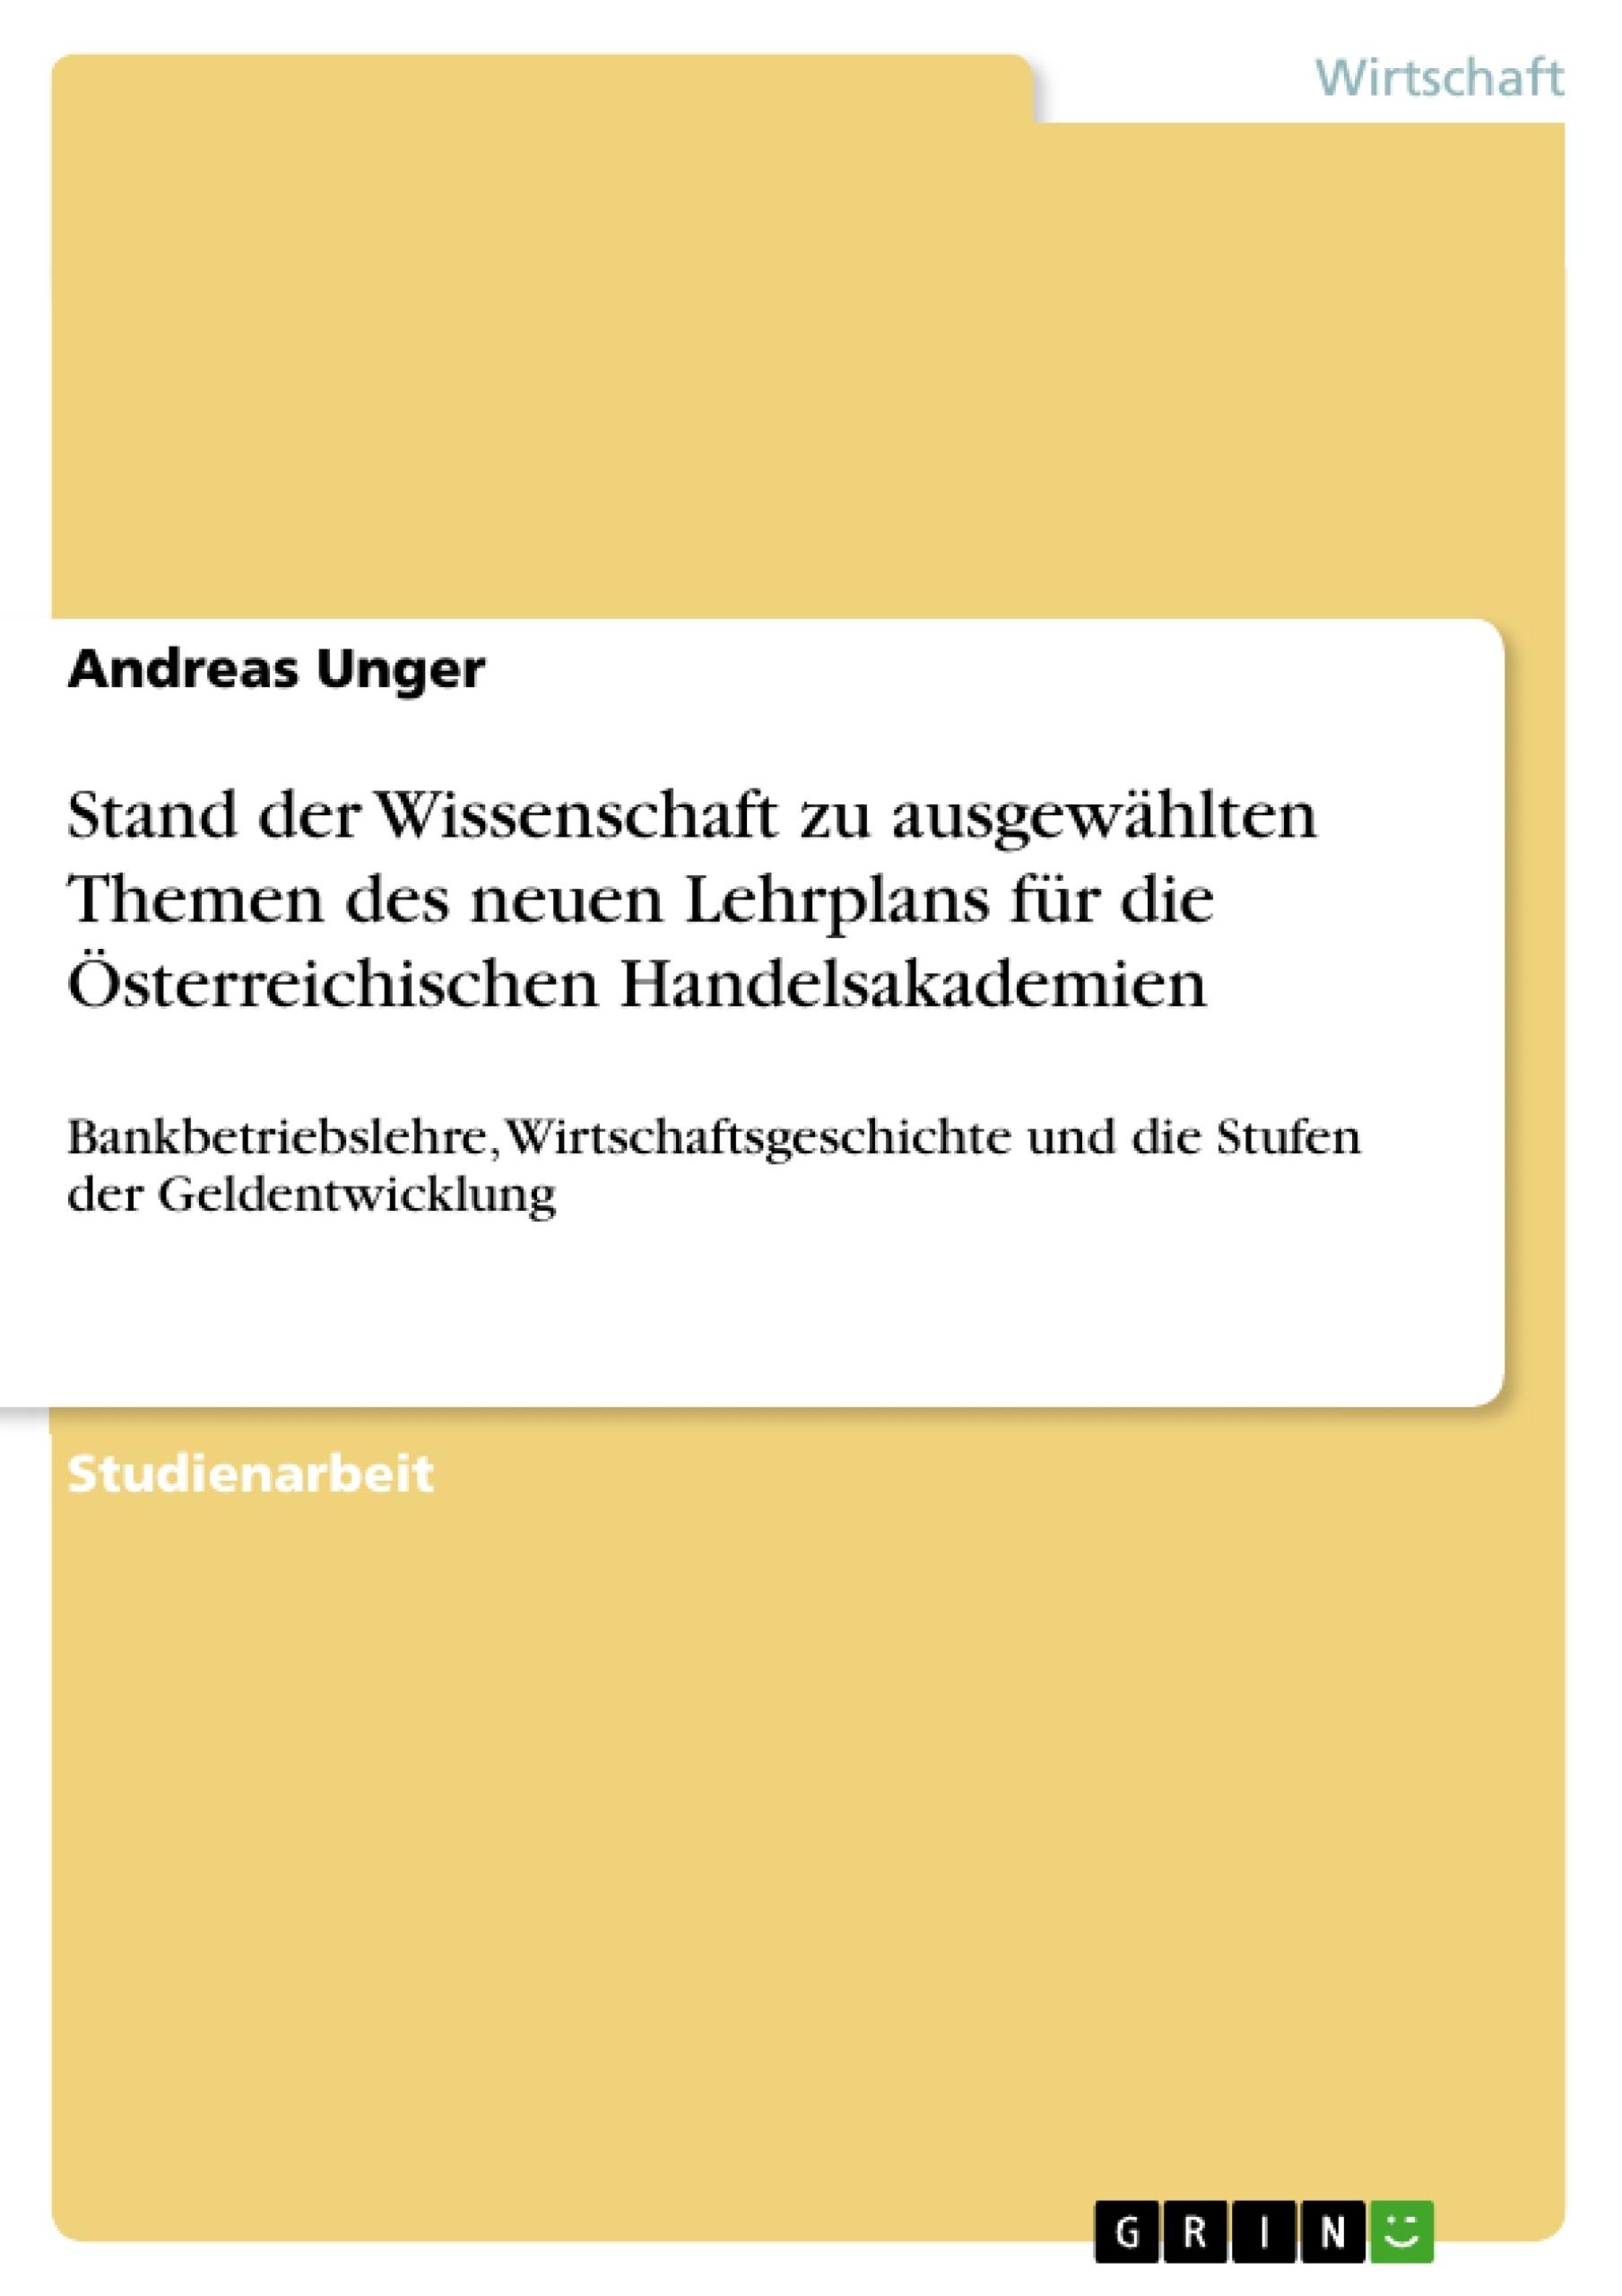 Titel: Stand der Wissenschaft zu ausgewählten Themen des neuen Lehrplans für die Österreichischen Handelsakademien